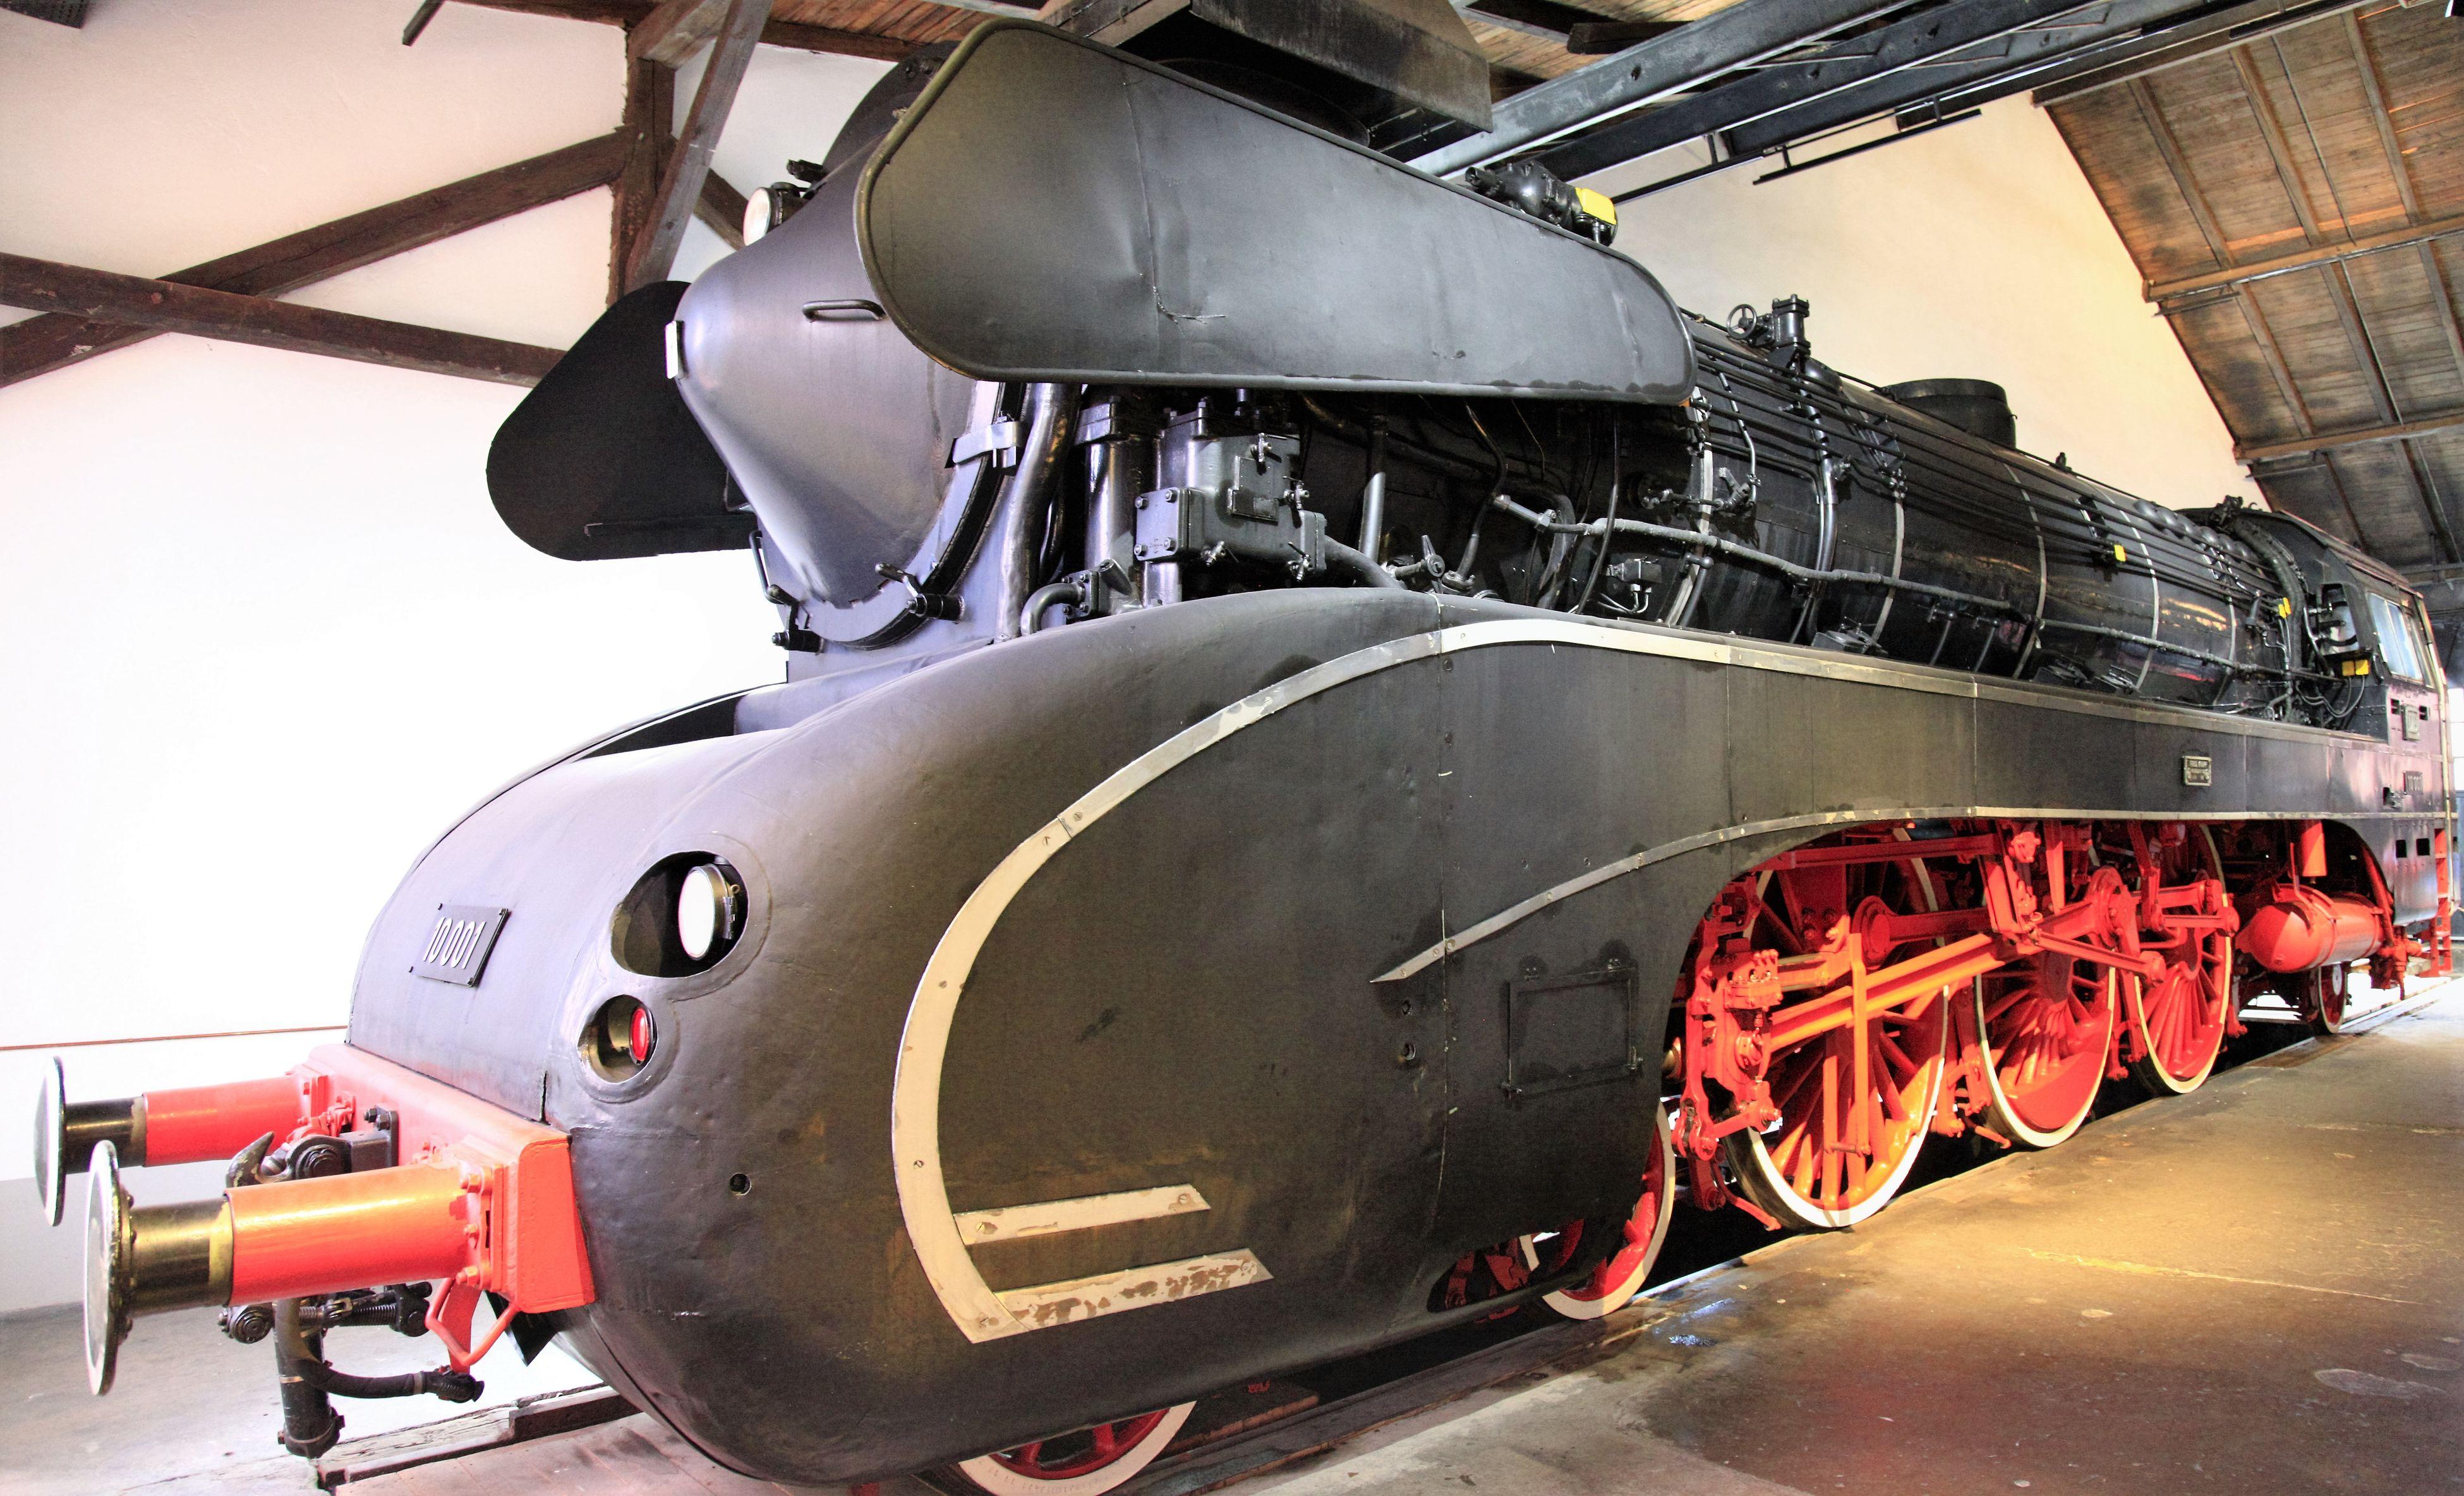 German Steam Engine Class 10 (4-6-2) 4-6-2 Class 109 DD Deutsches Dampflok Museum Engine G Locomotive Museum Neuenmarkt Pacific Ocean Steaks